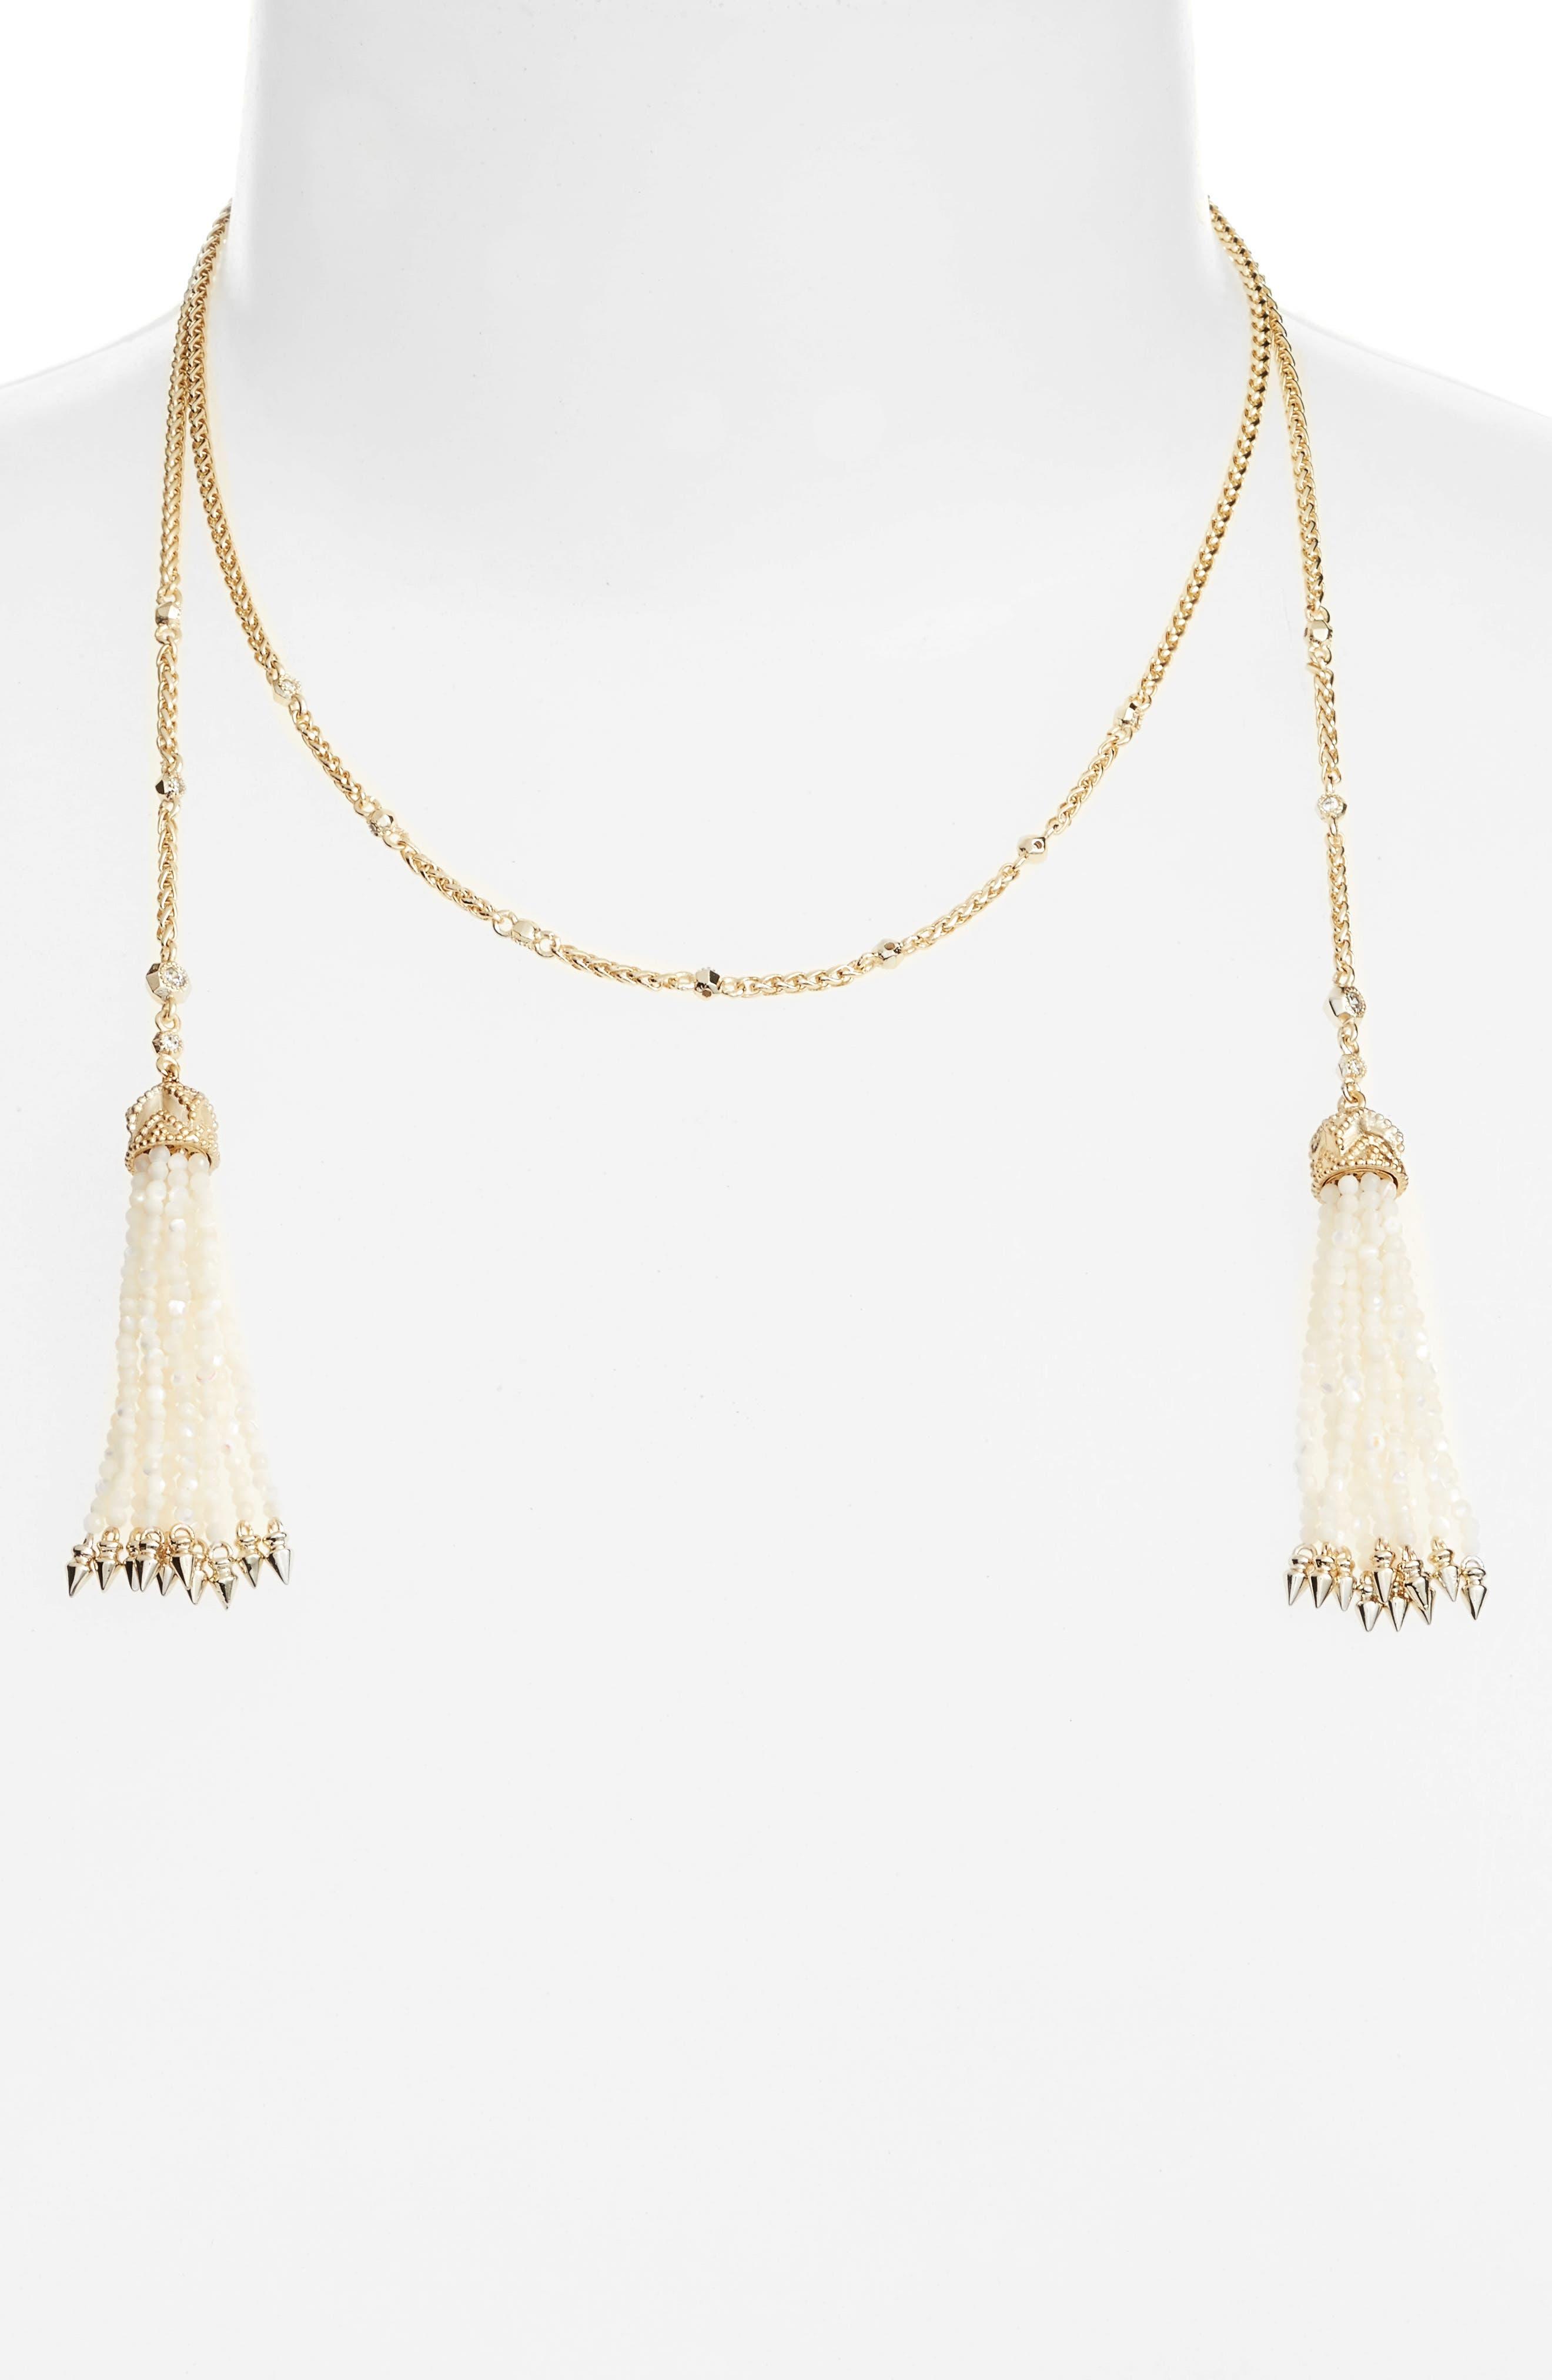 Monique Tassel Necklace,                         Main,                         color, Ivory Mop/ Gold